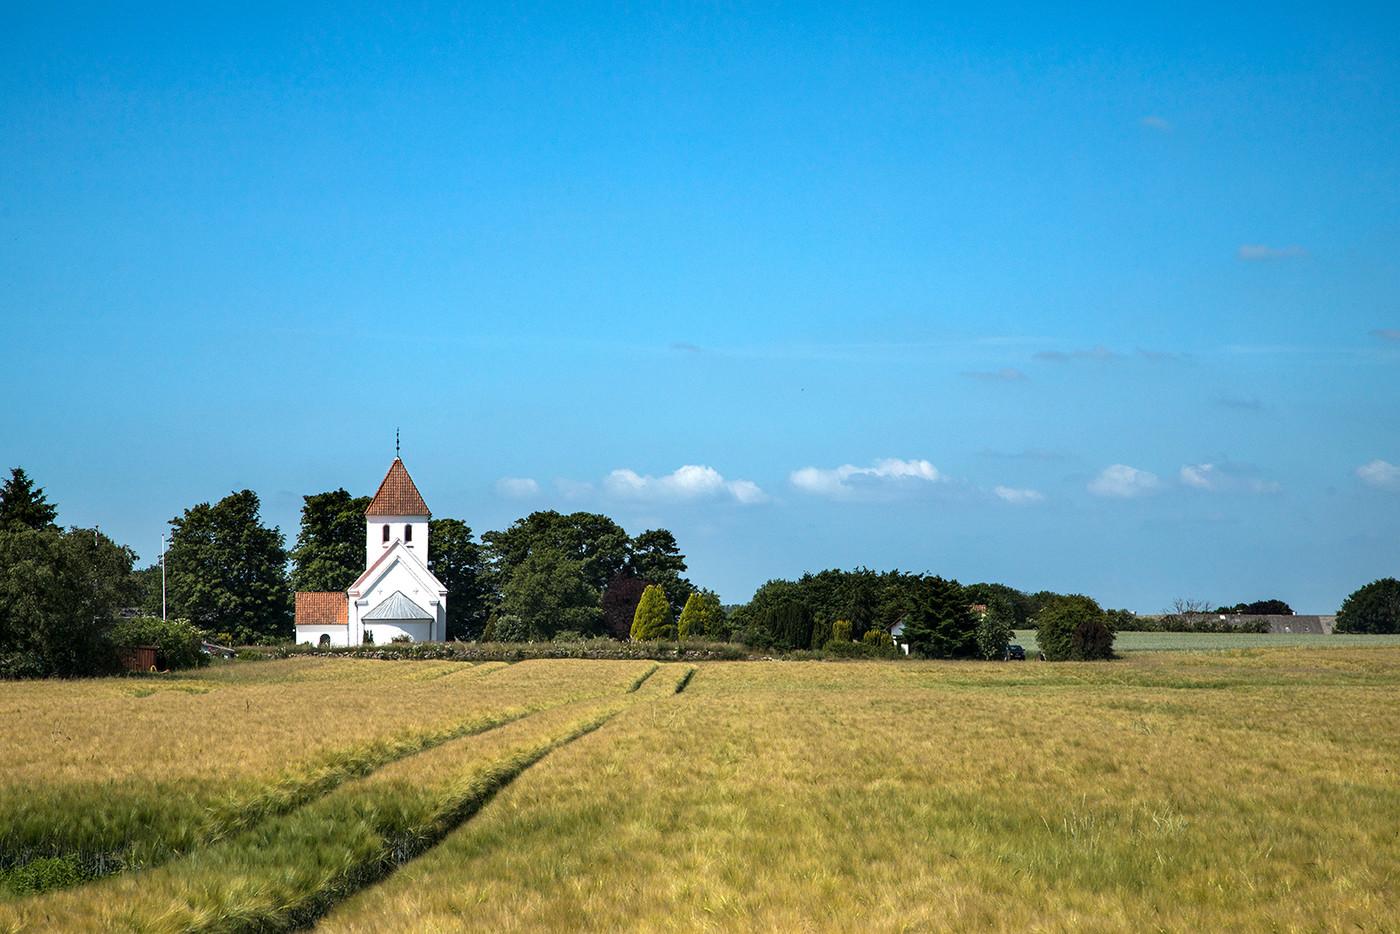 Vrigsted Kirke i landskabet